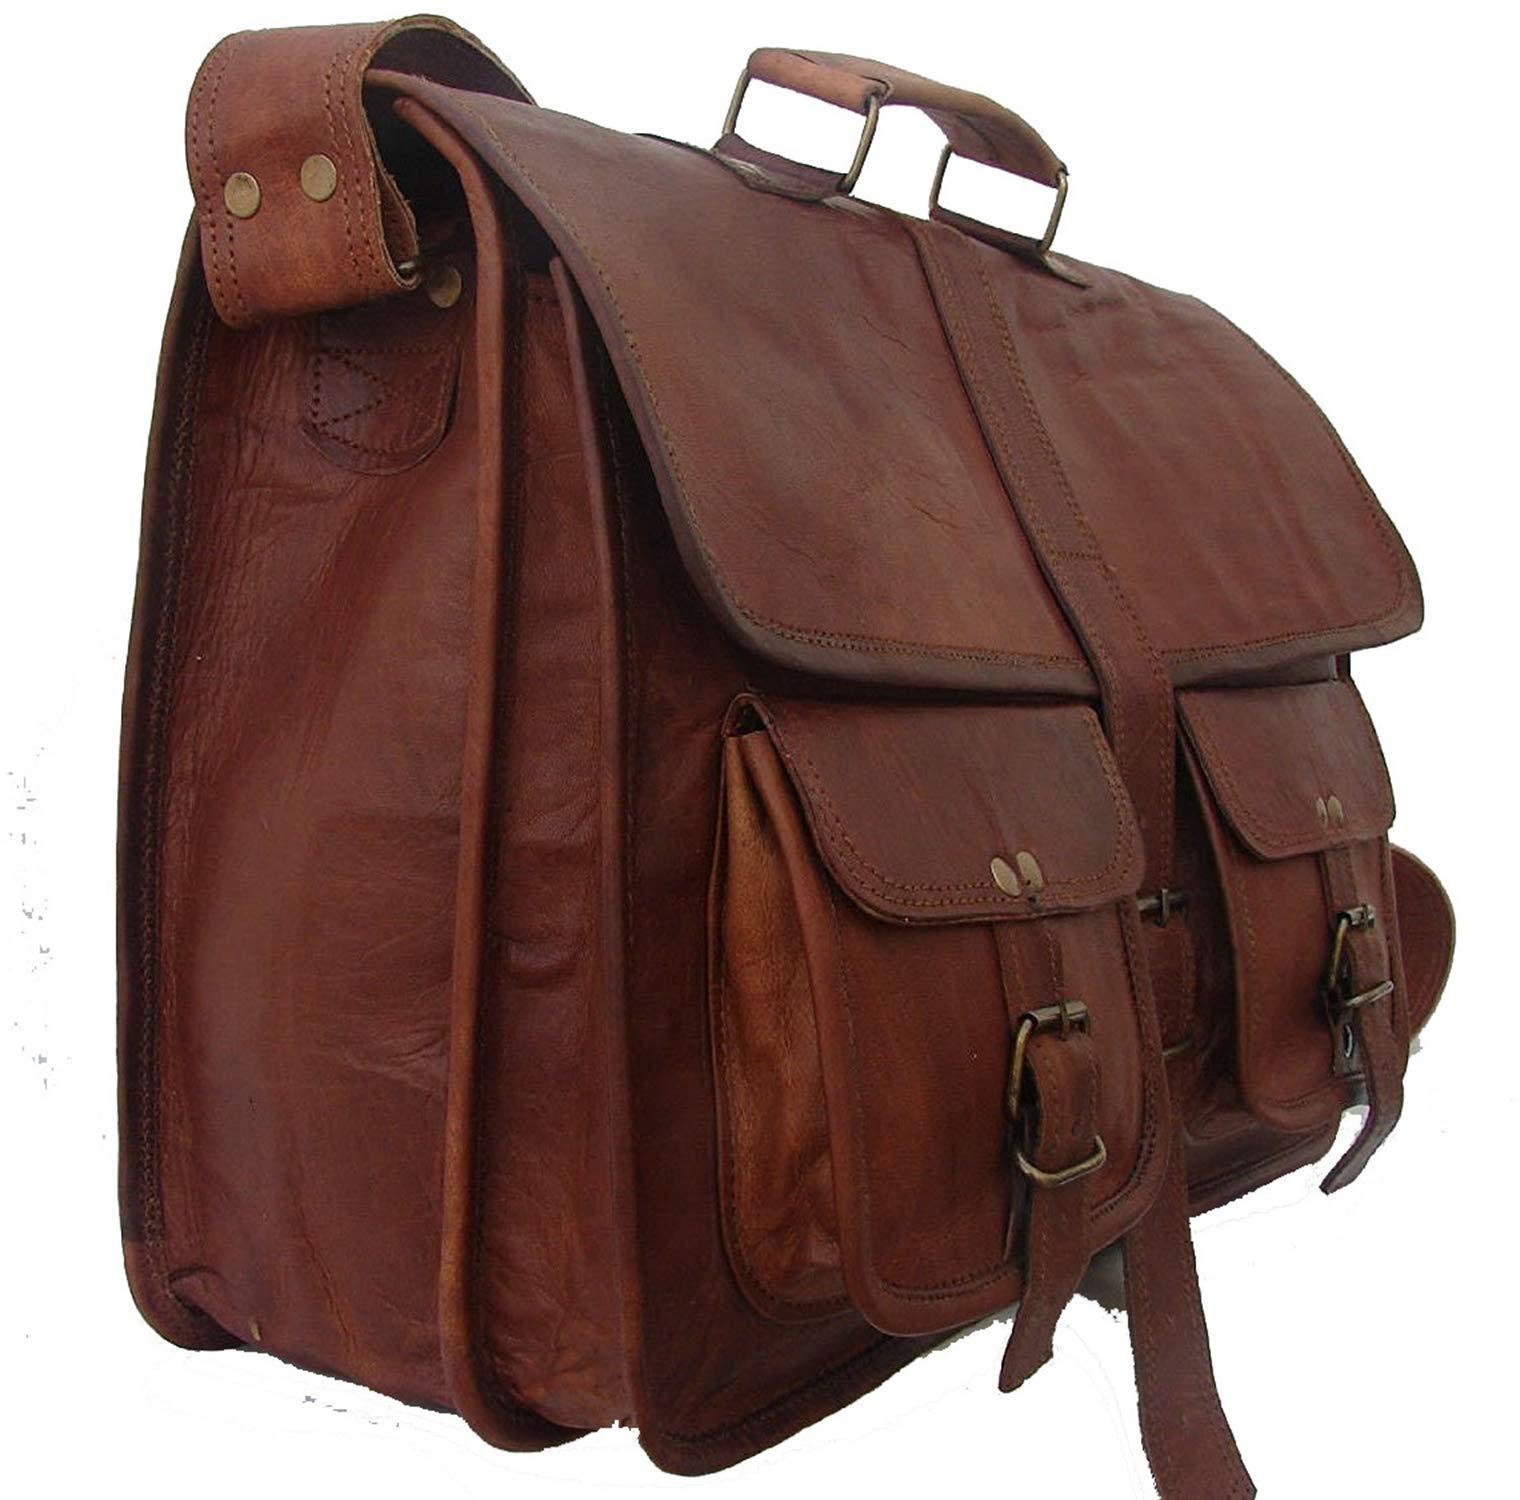 e3981cadd9 Vintage Soft Leather Messenger 16